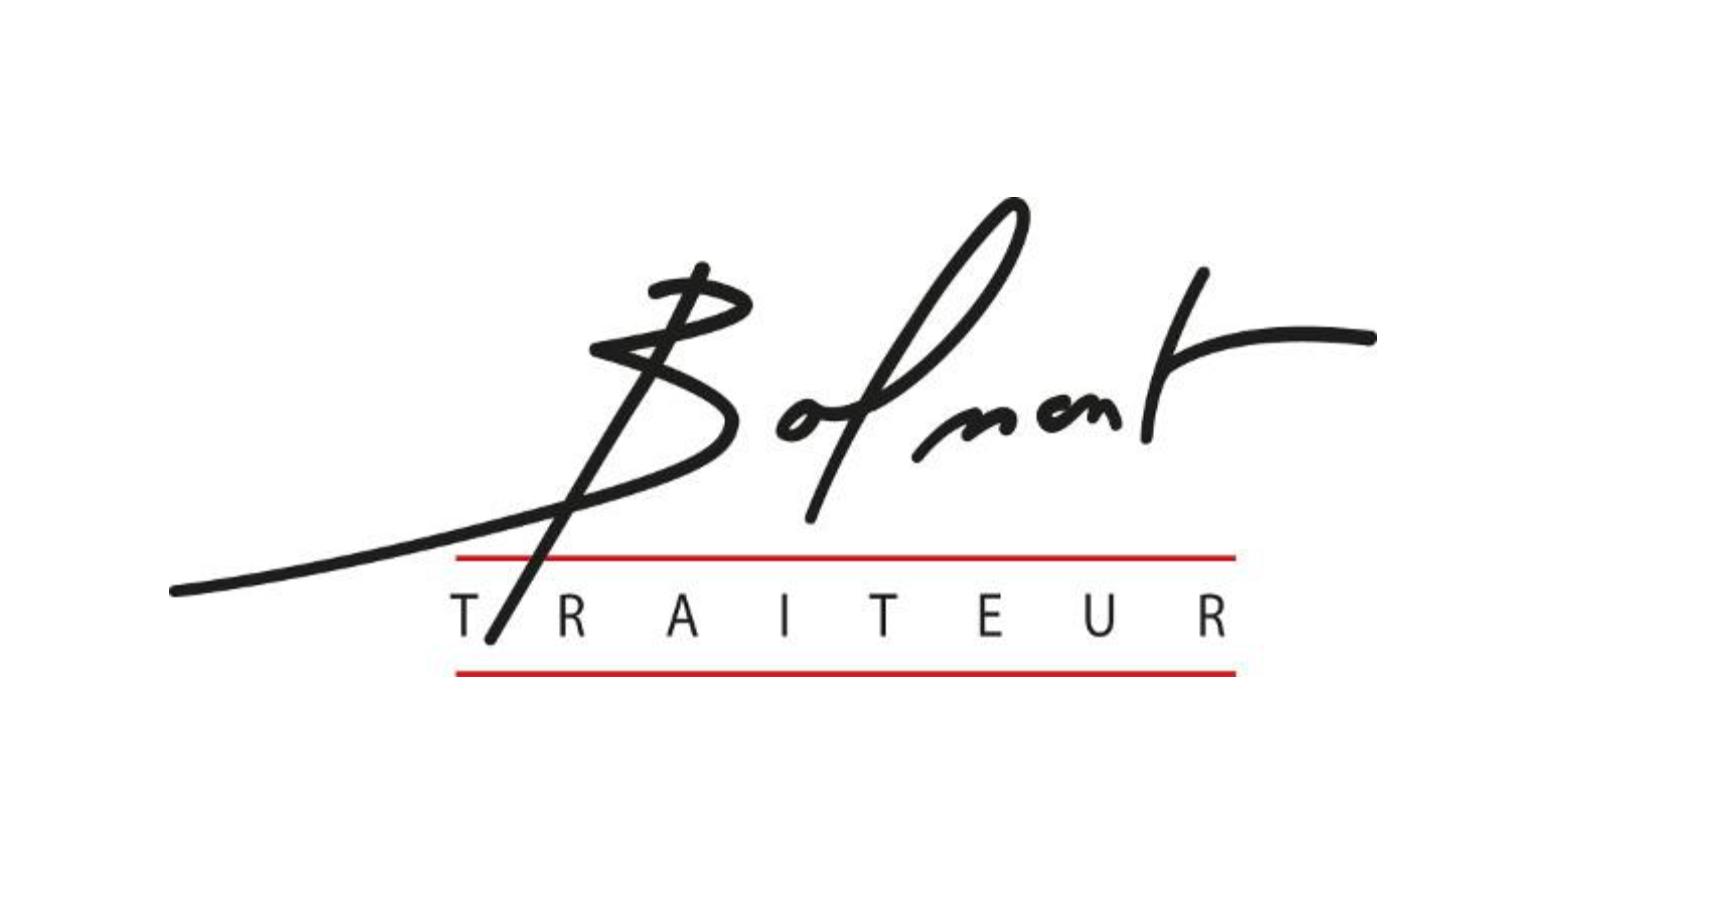 Traiteur-Bolmont-Koopr